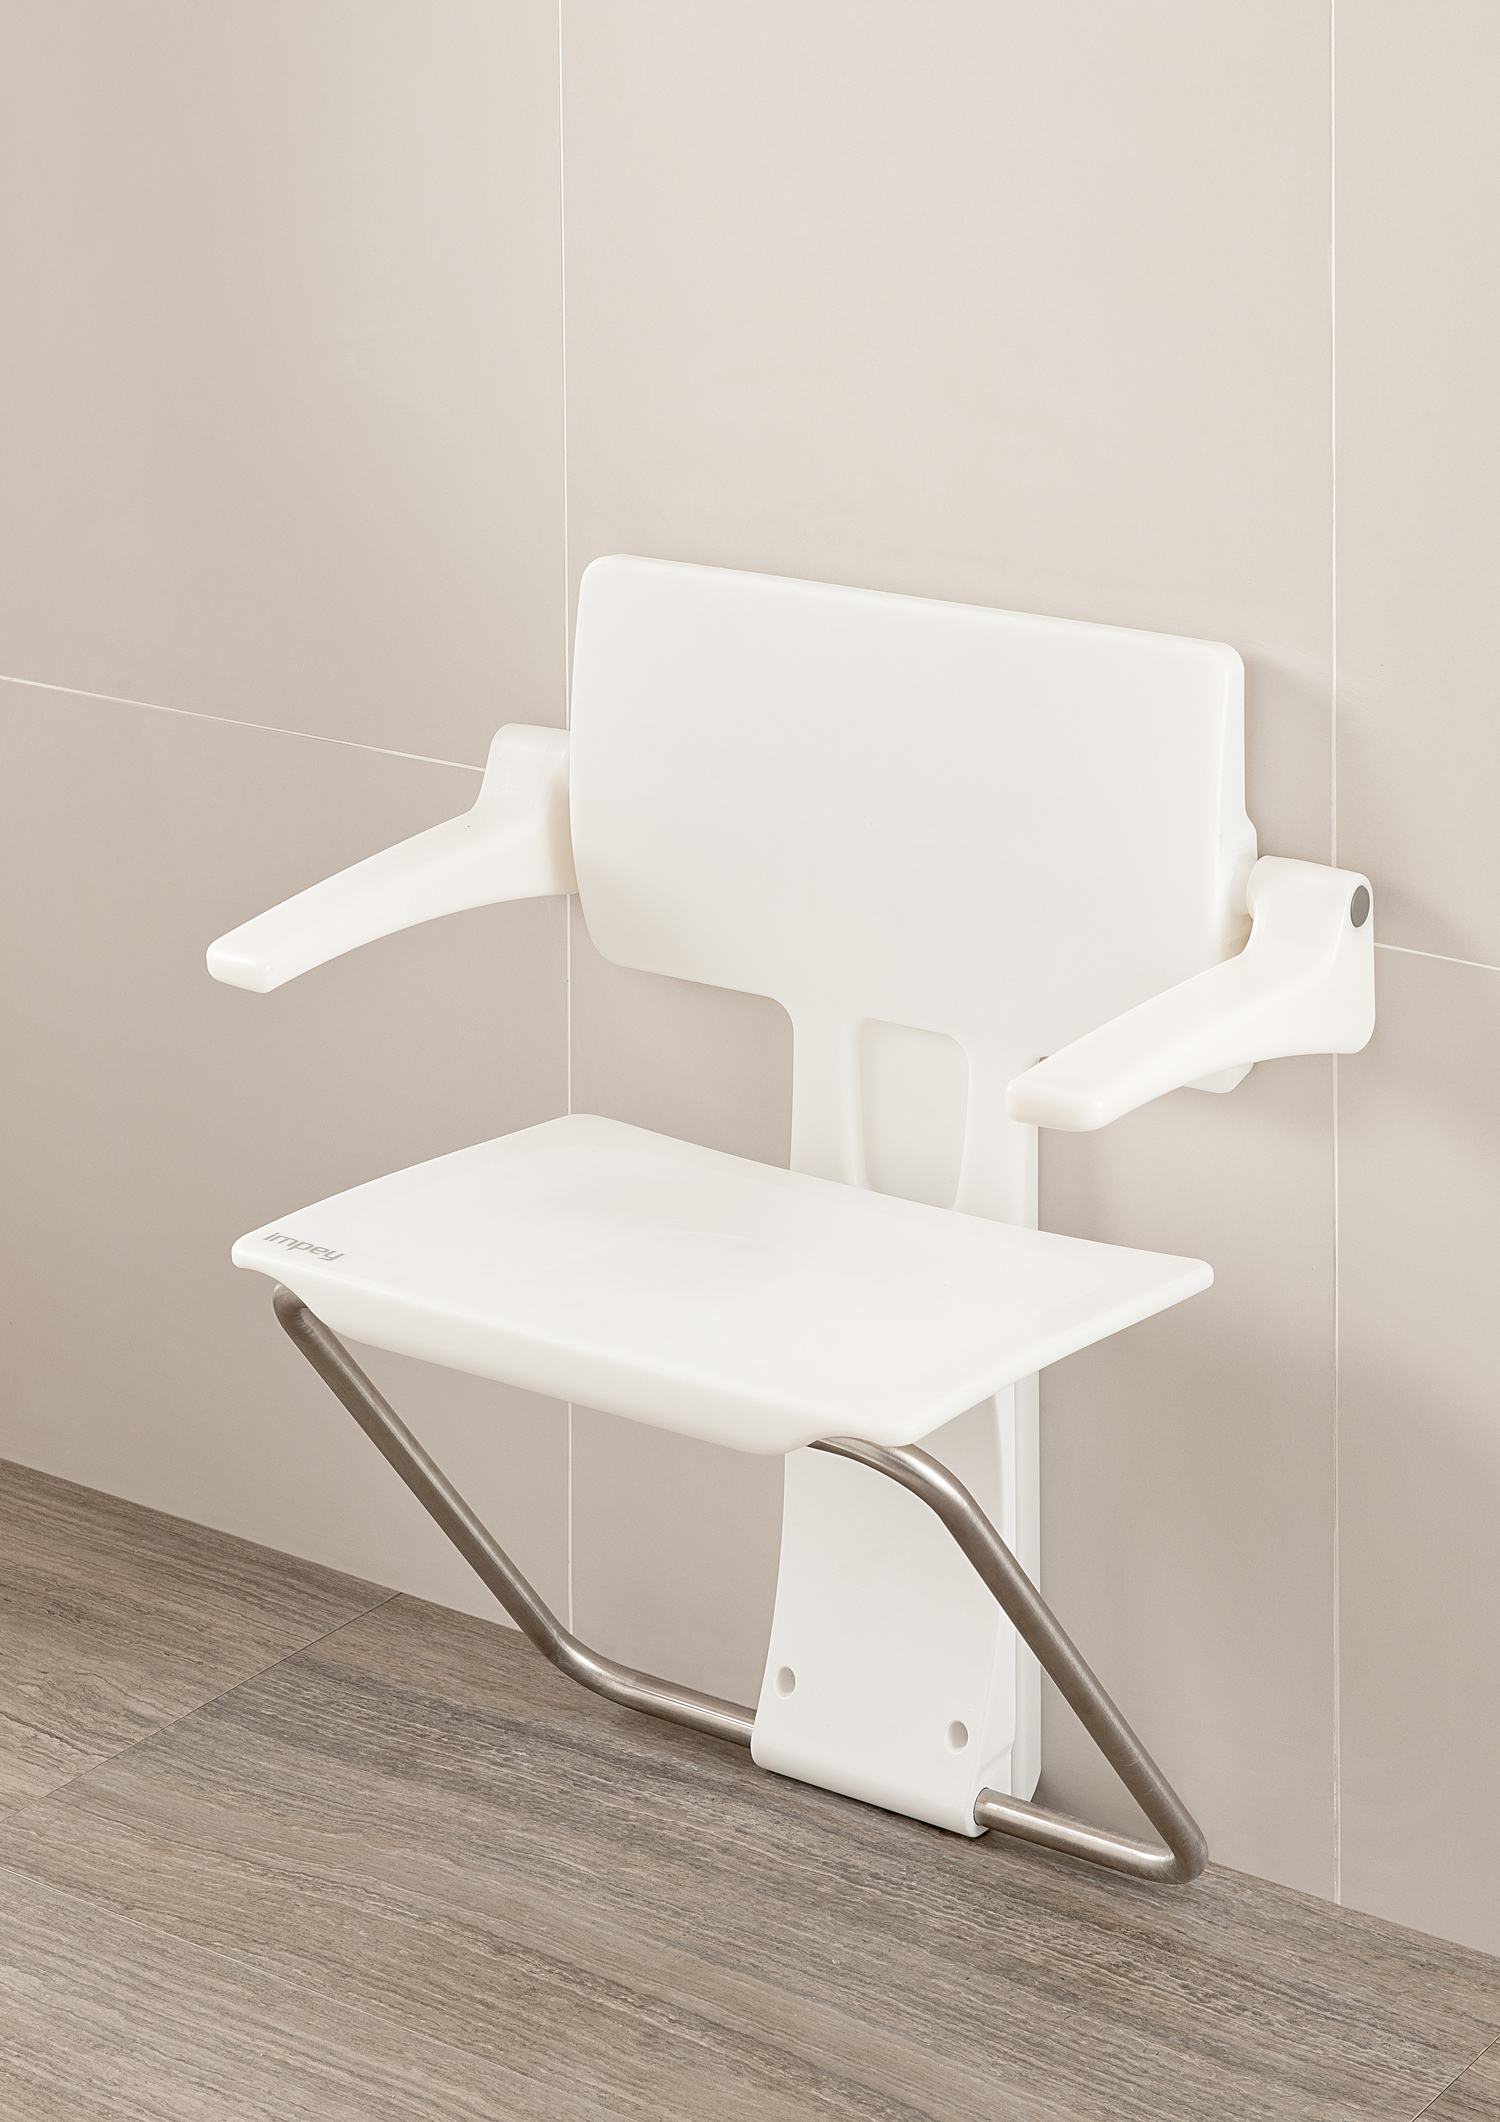 Slimfold shower seat - stylish shower seating! - Practical Bathing